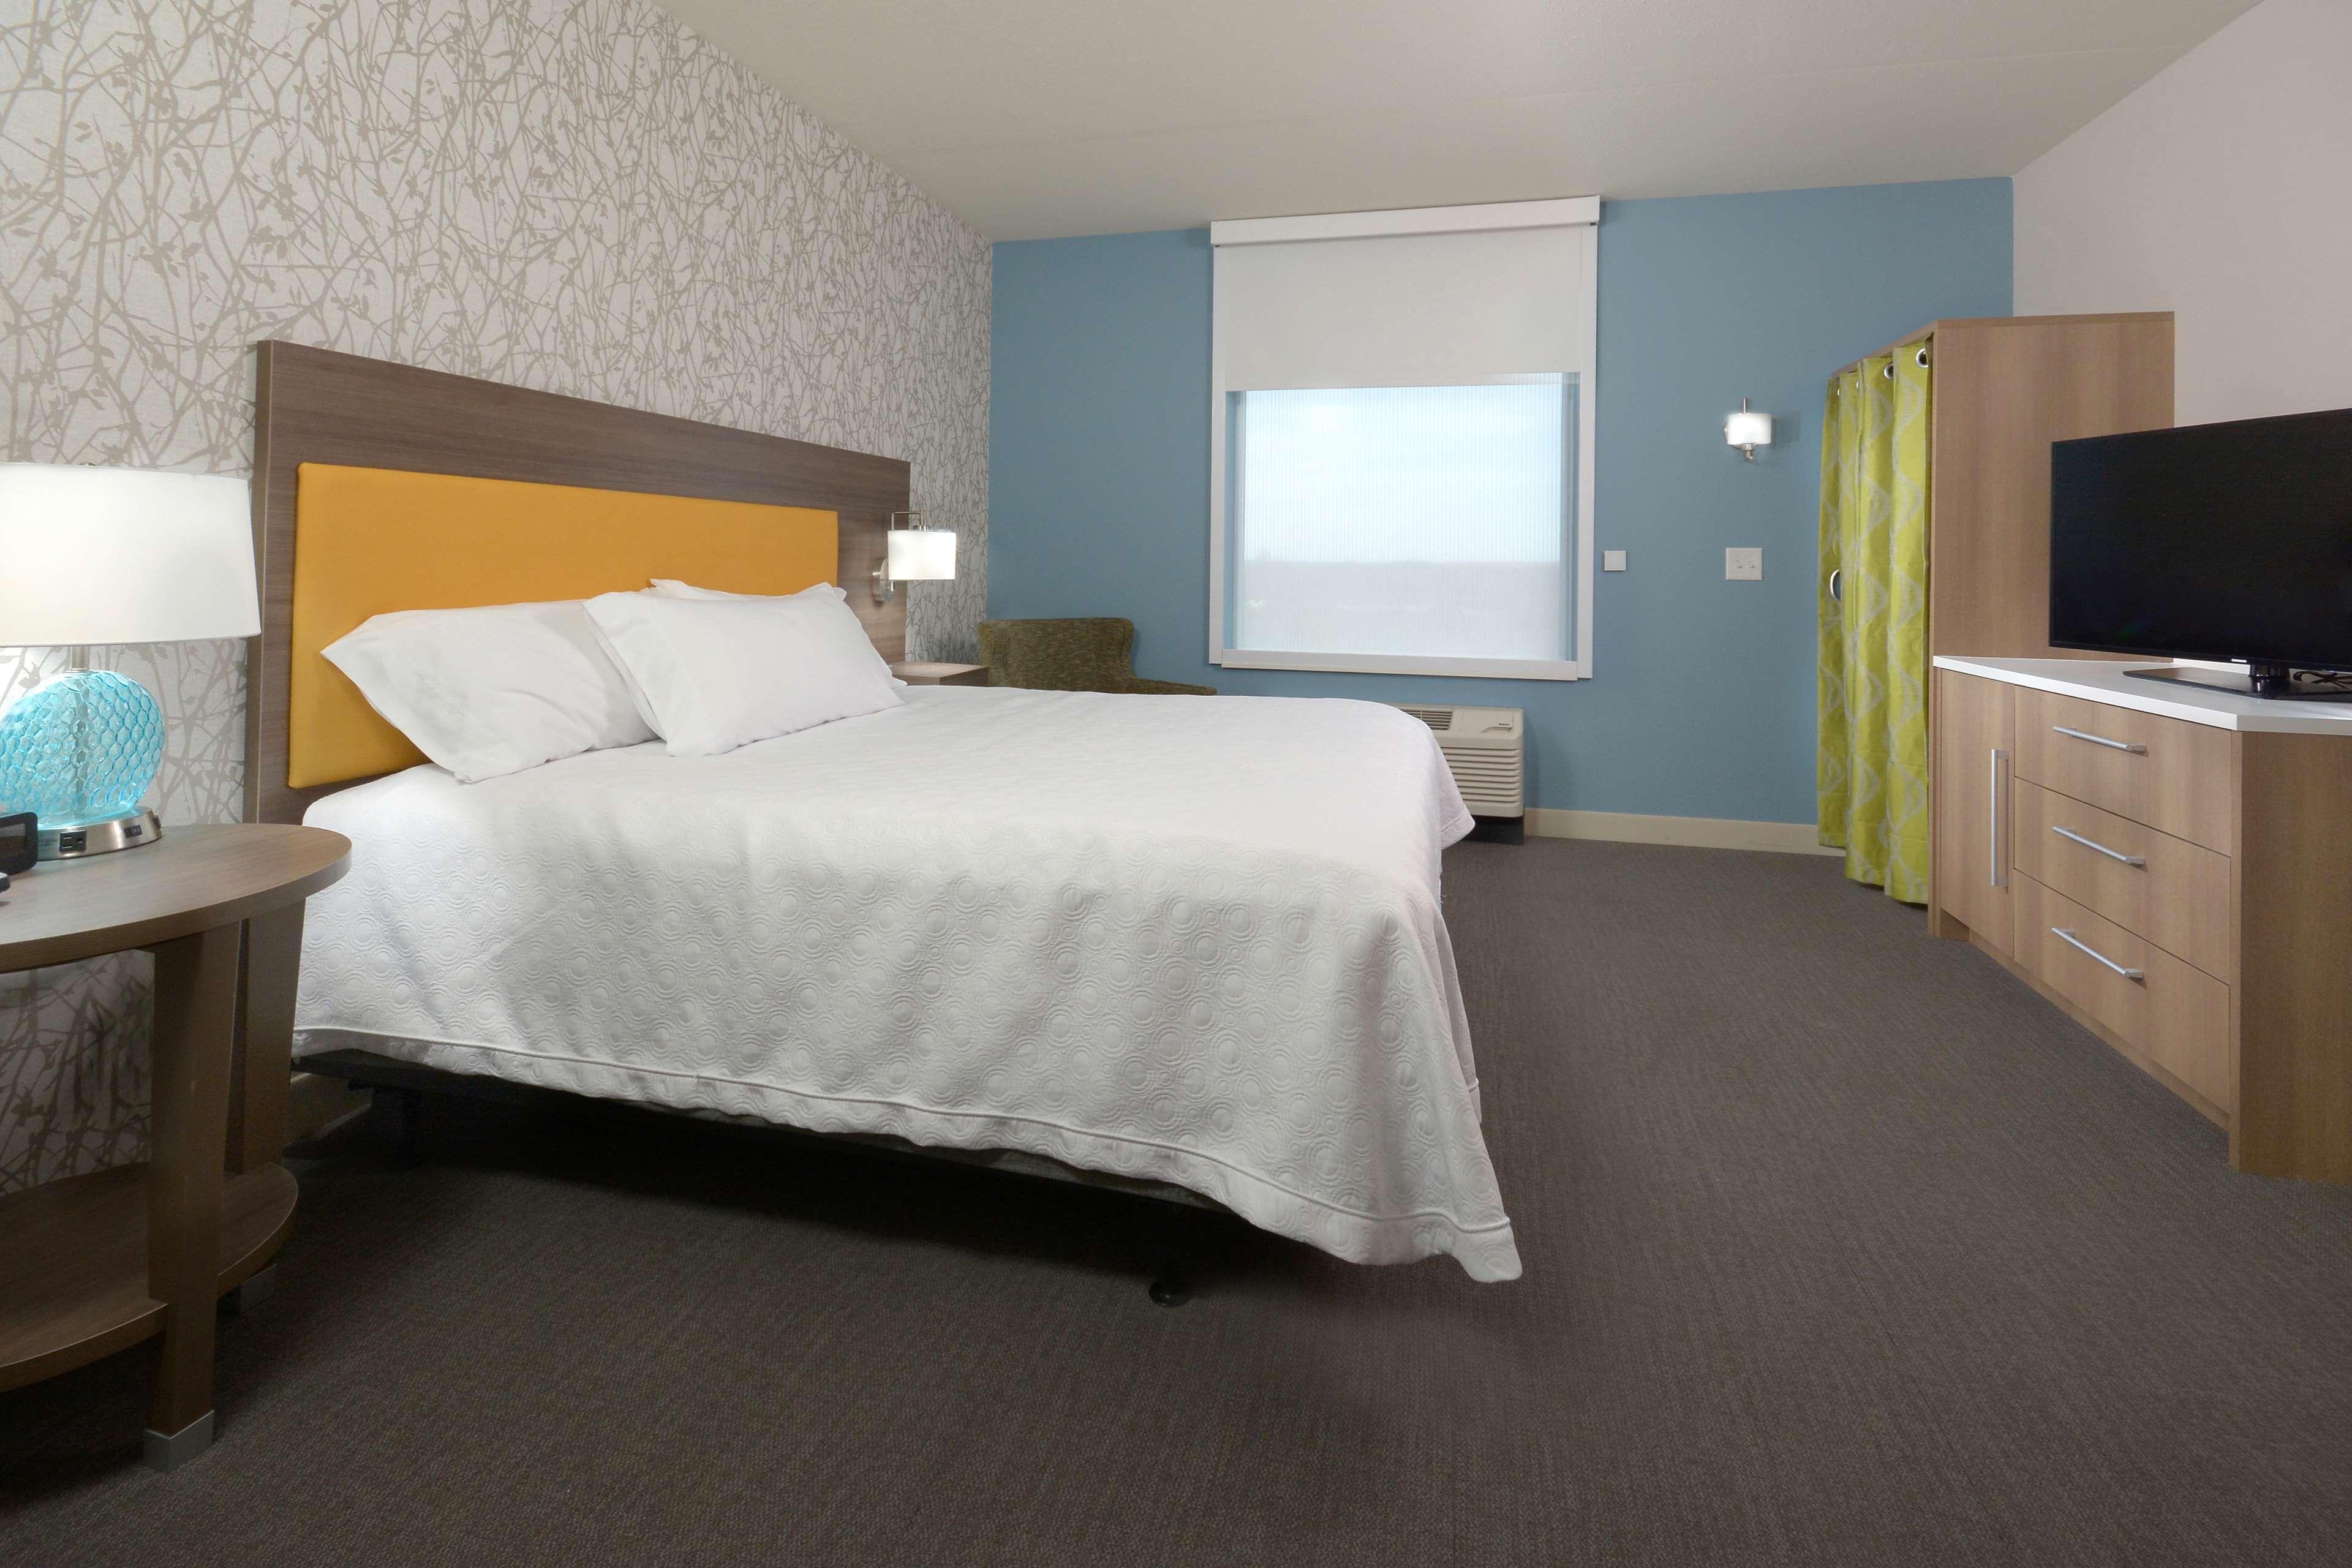 Home2 Suites by Hilton Duncan image 15